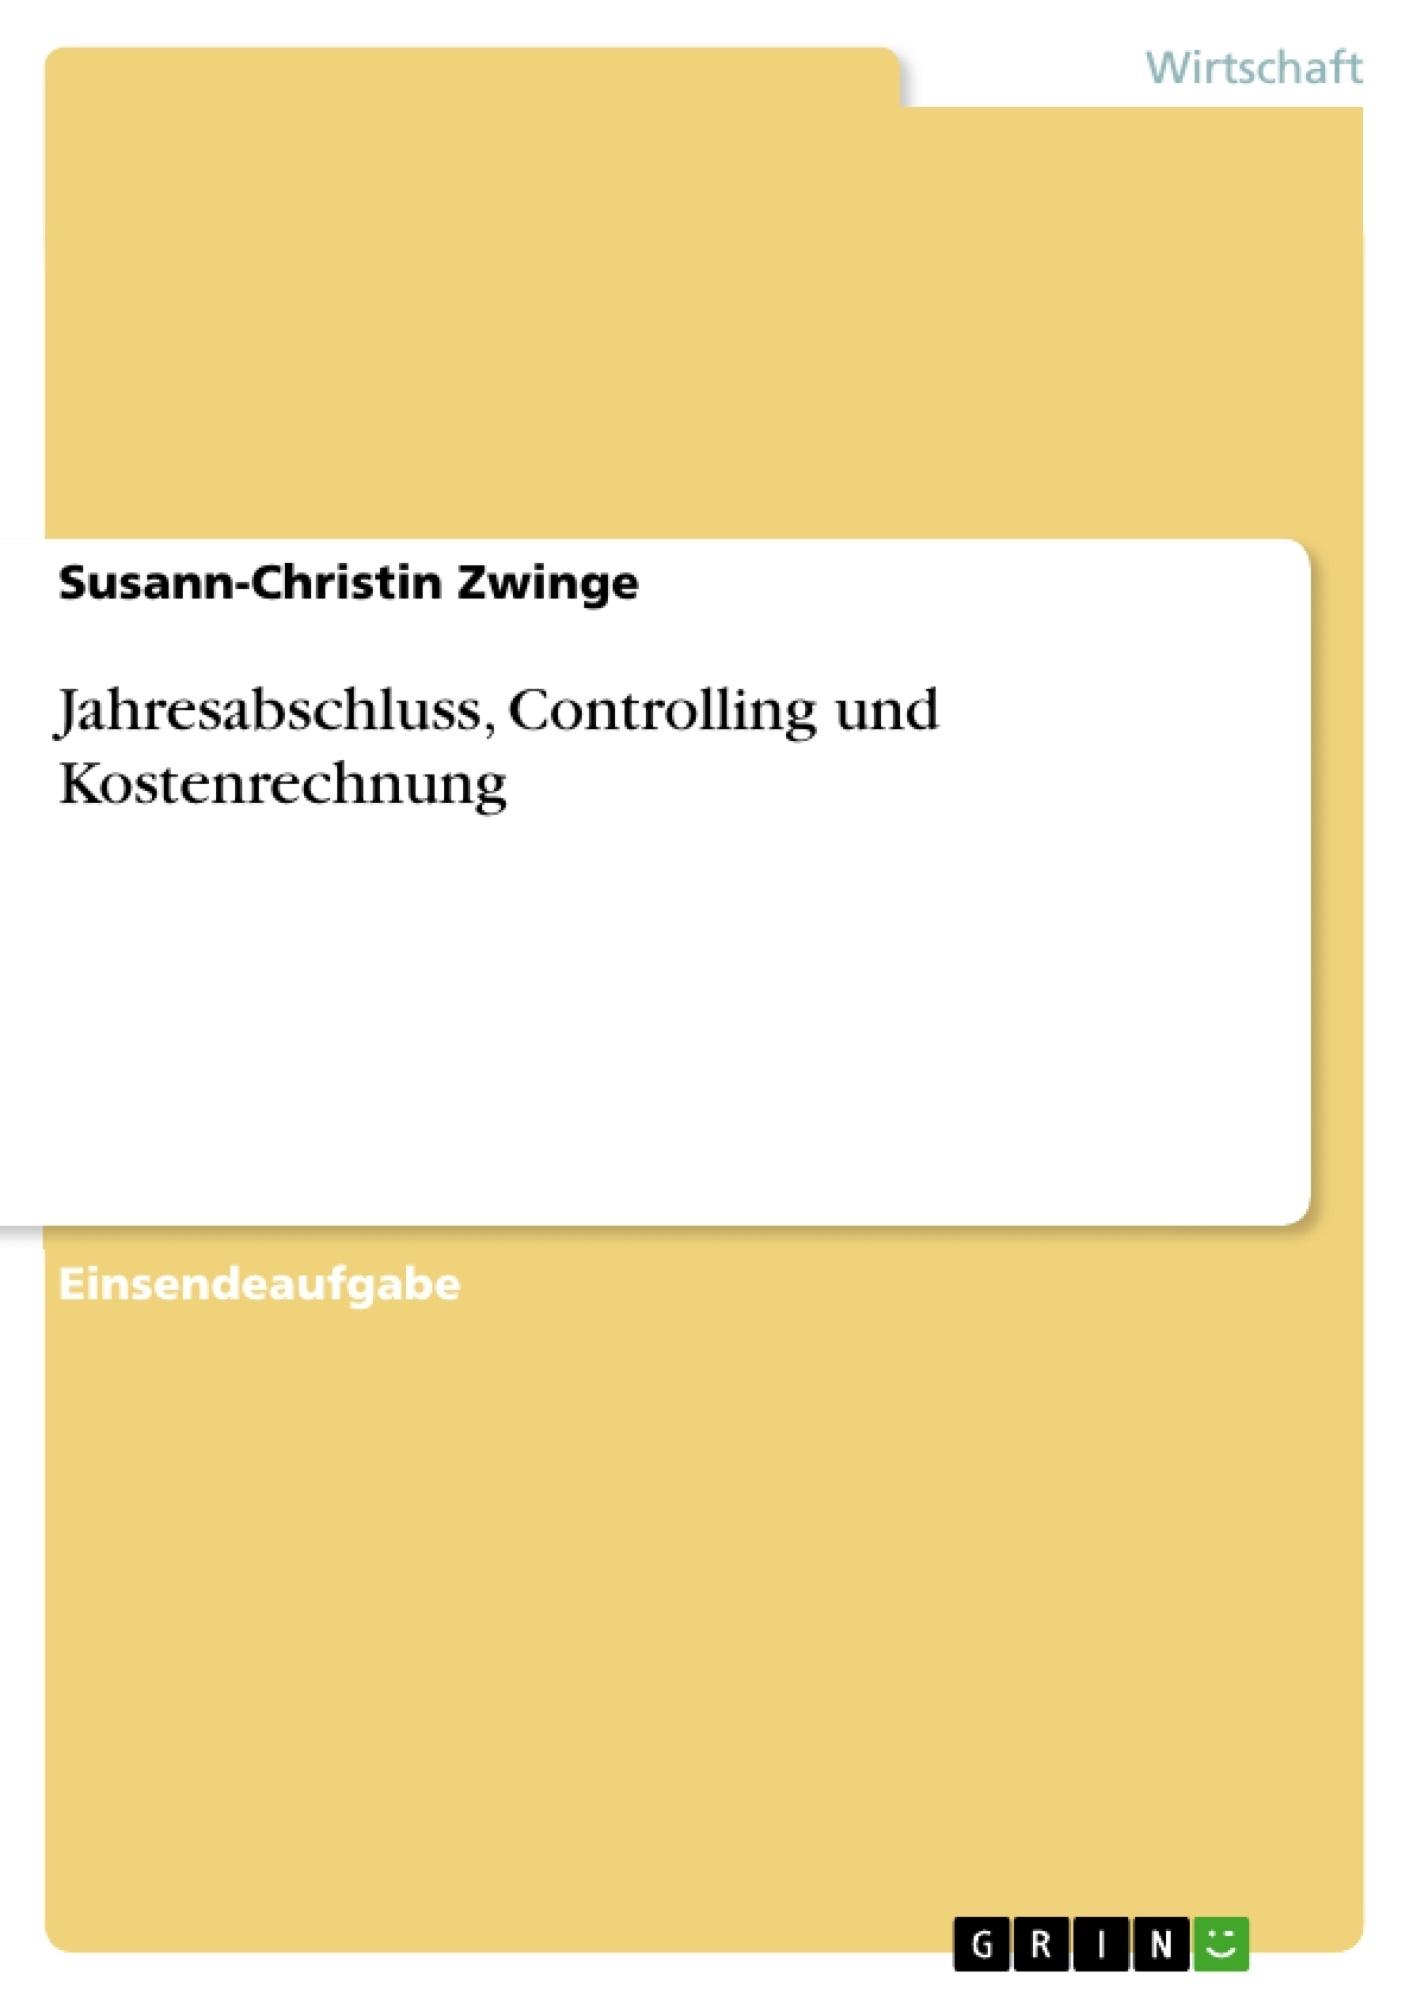 Titel: Jahresabschluss, Controlling und Kostenrechnung